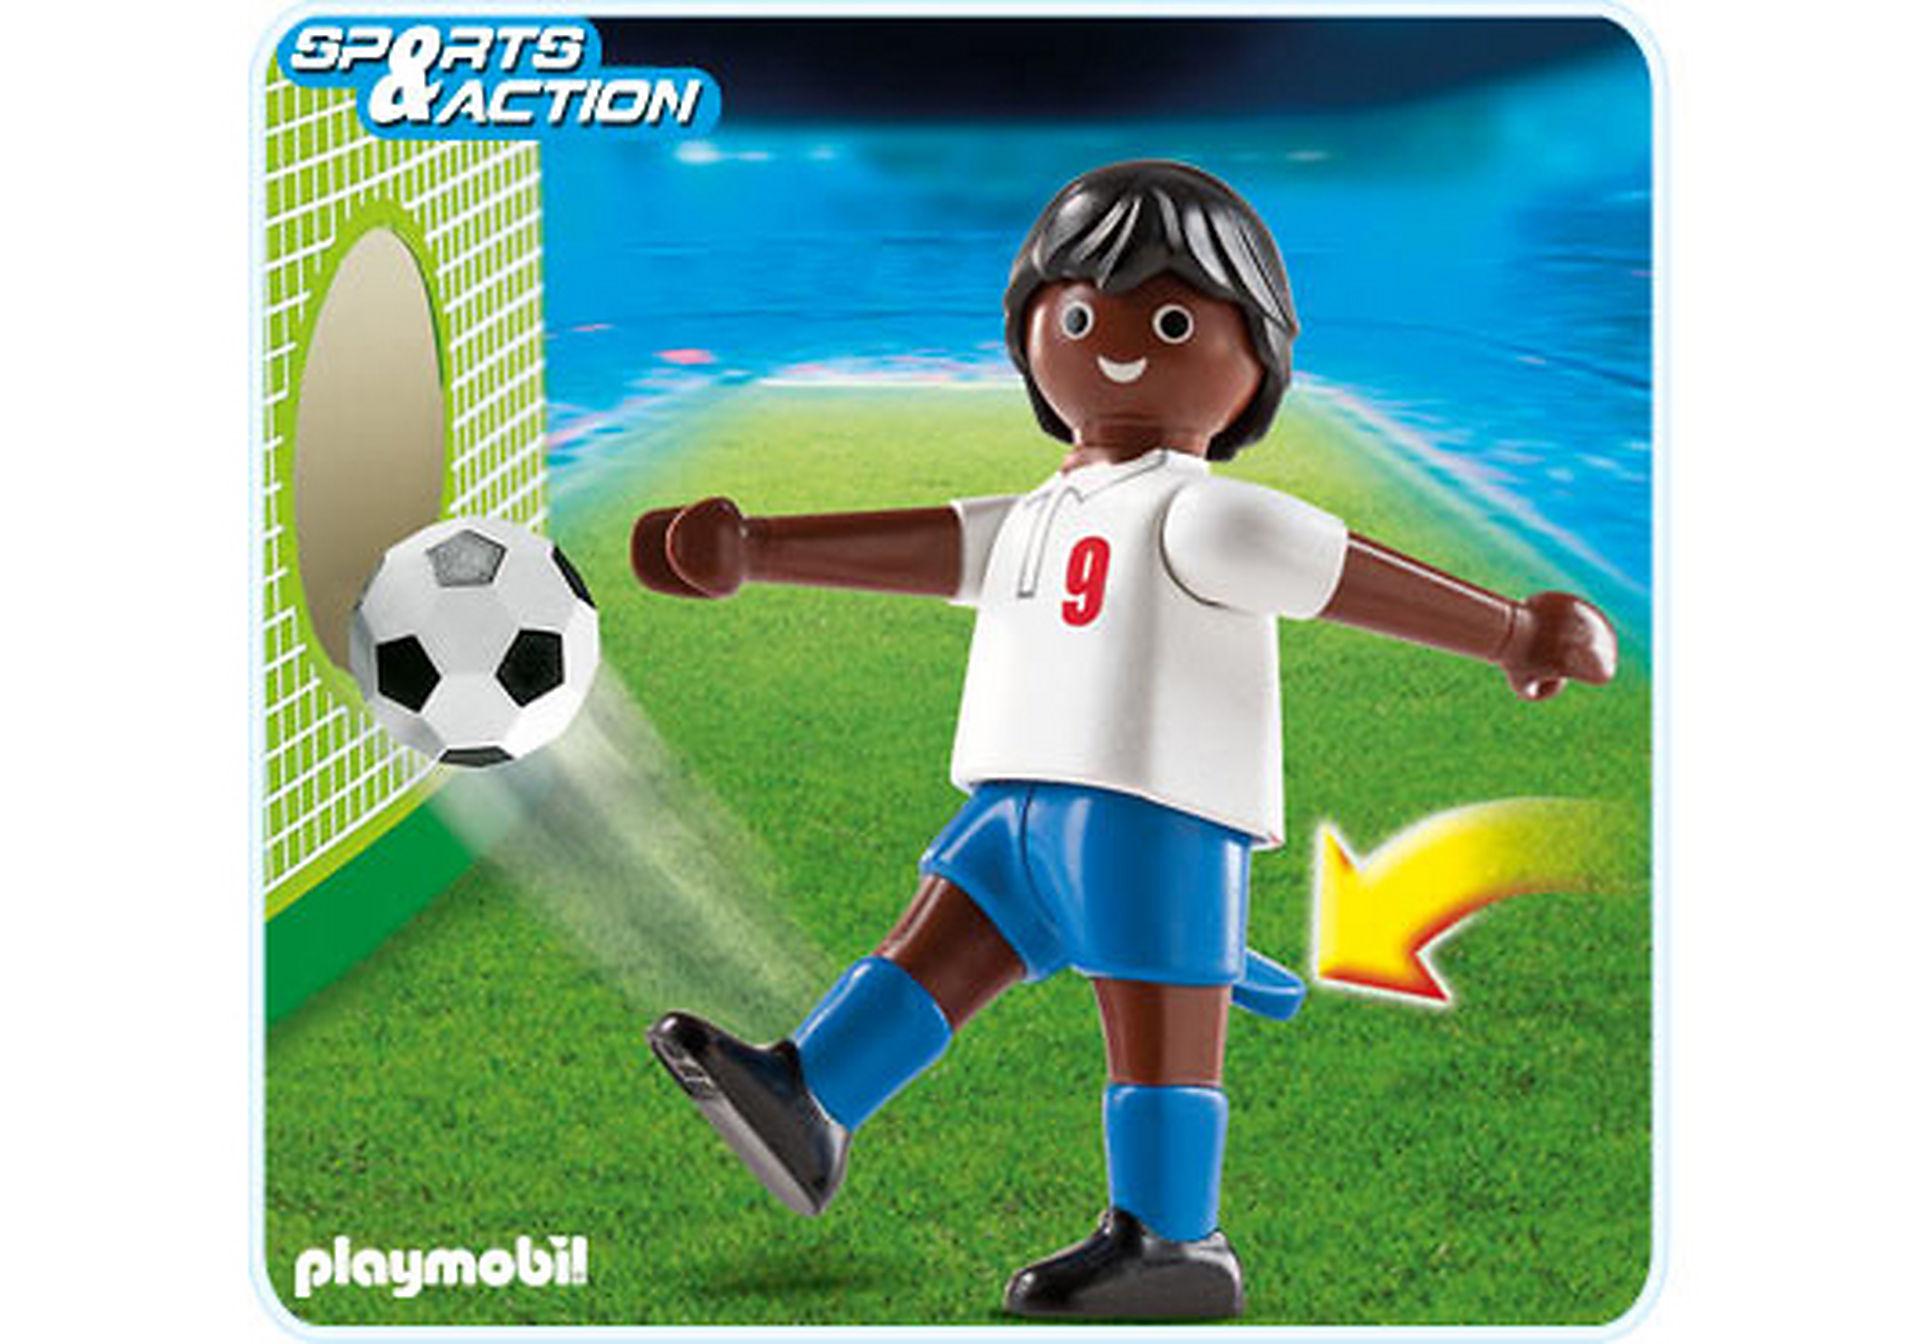 http://media.playmobil.com/i/playmobil/4736-A_product_detail/Fußballspieler England dunkelhäutig